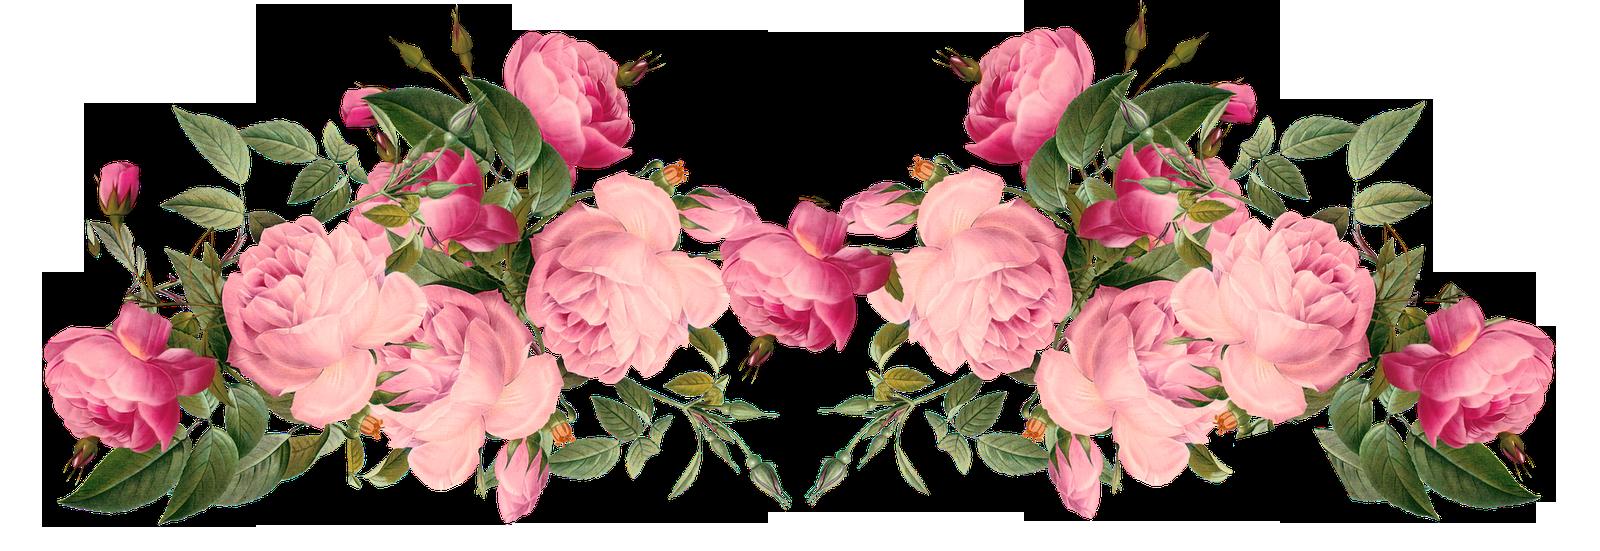 Image flowers borders png pink rose borders free pink roses border flowers borders png pink rose borders free pink roses border vintage style 1600g mightylinksfo